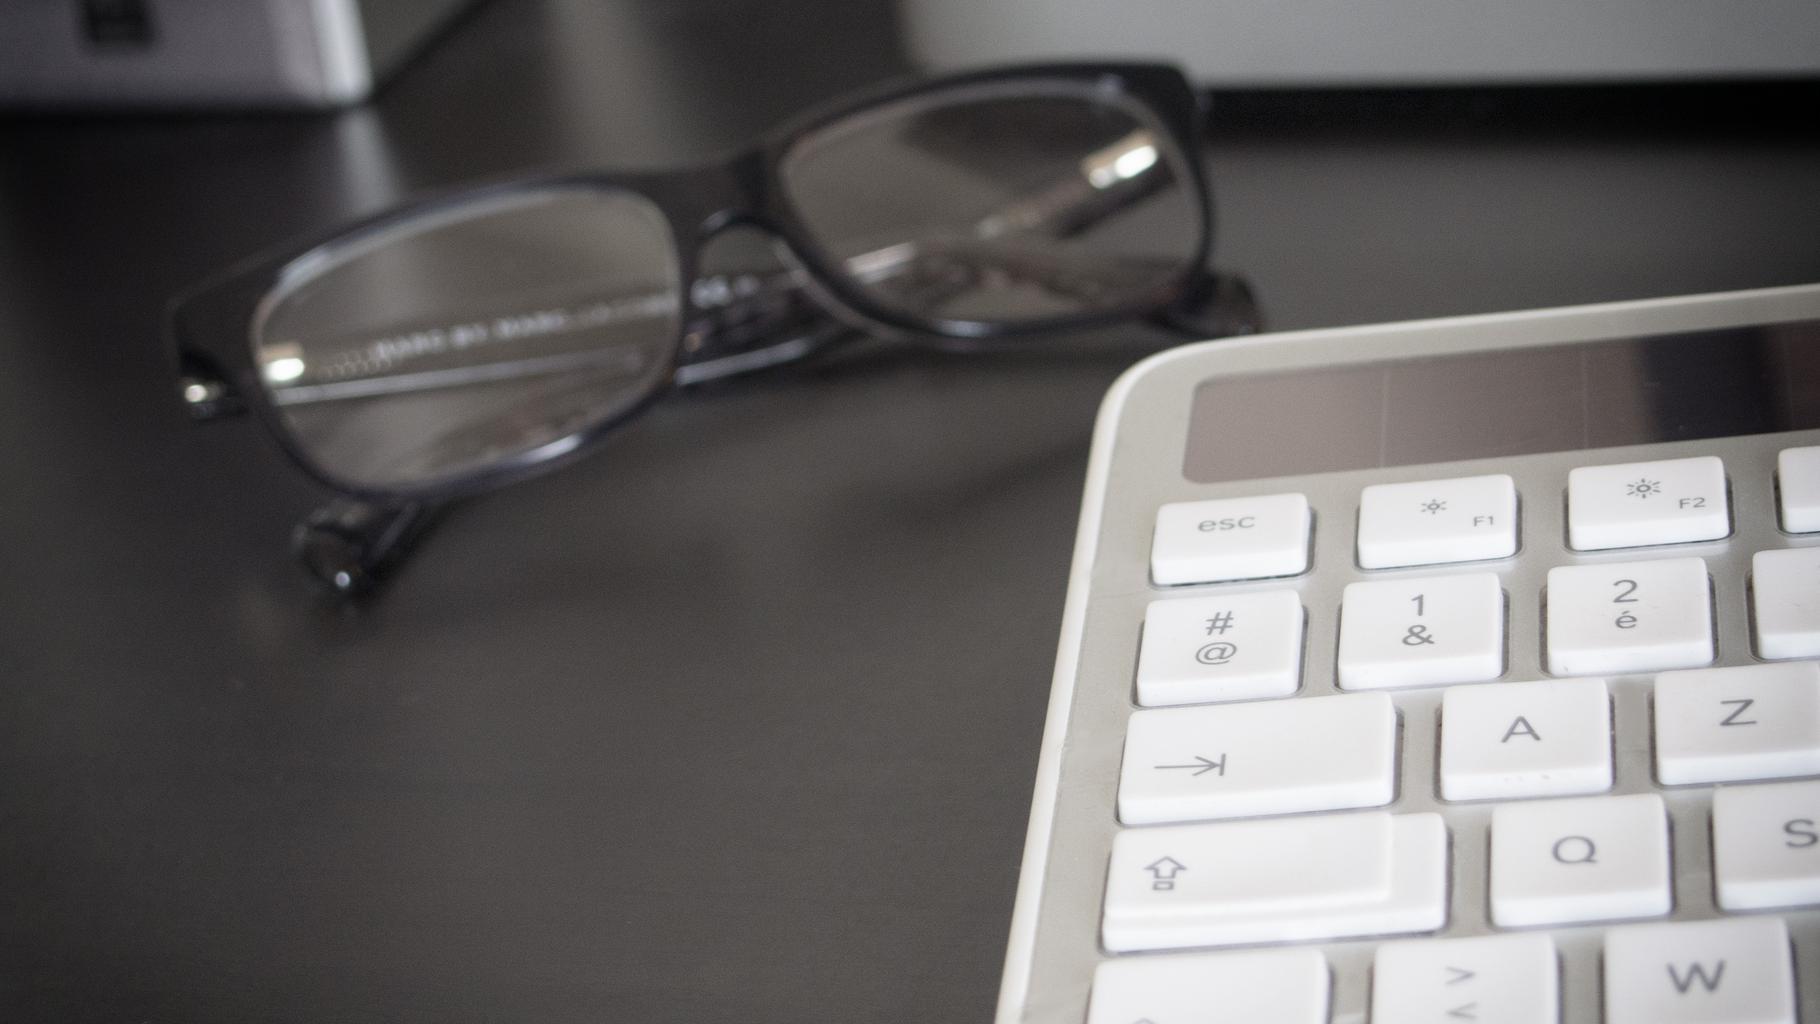 okuliare, klávesnica